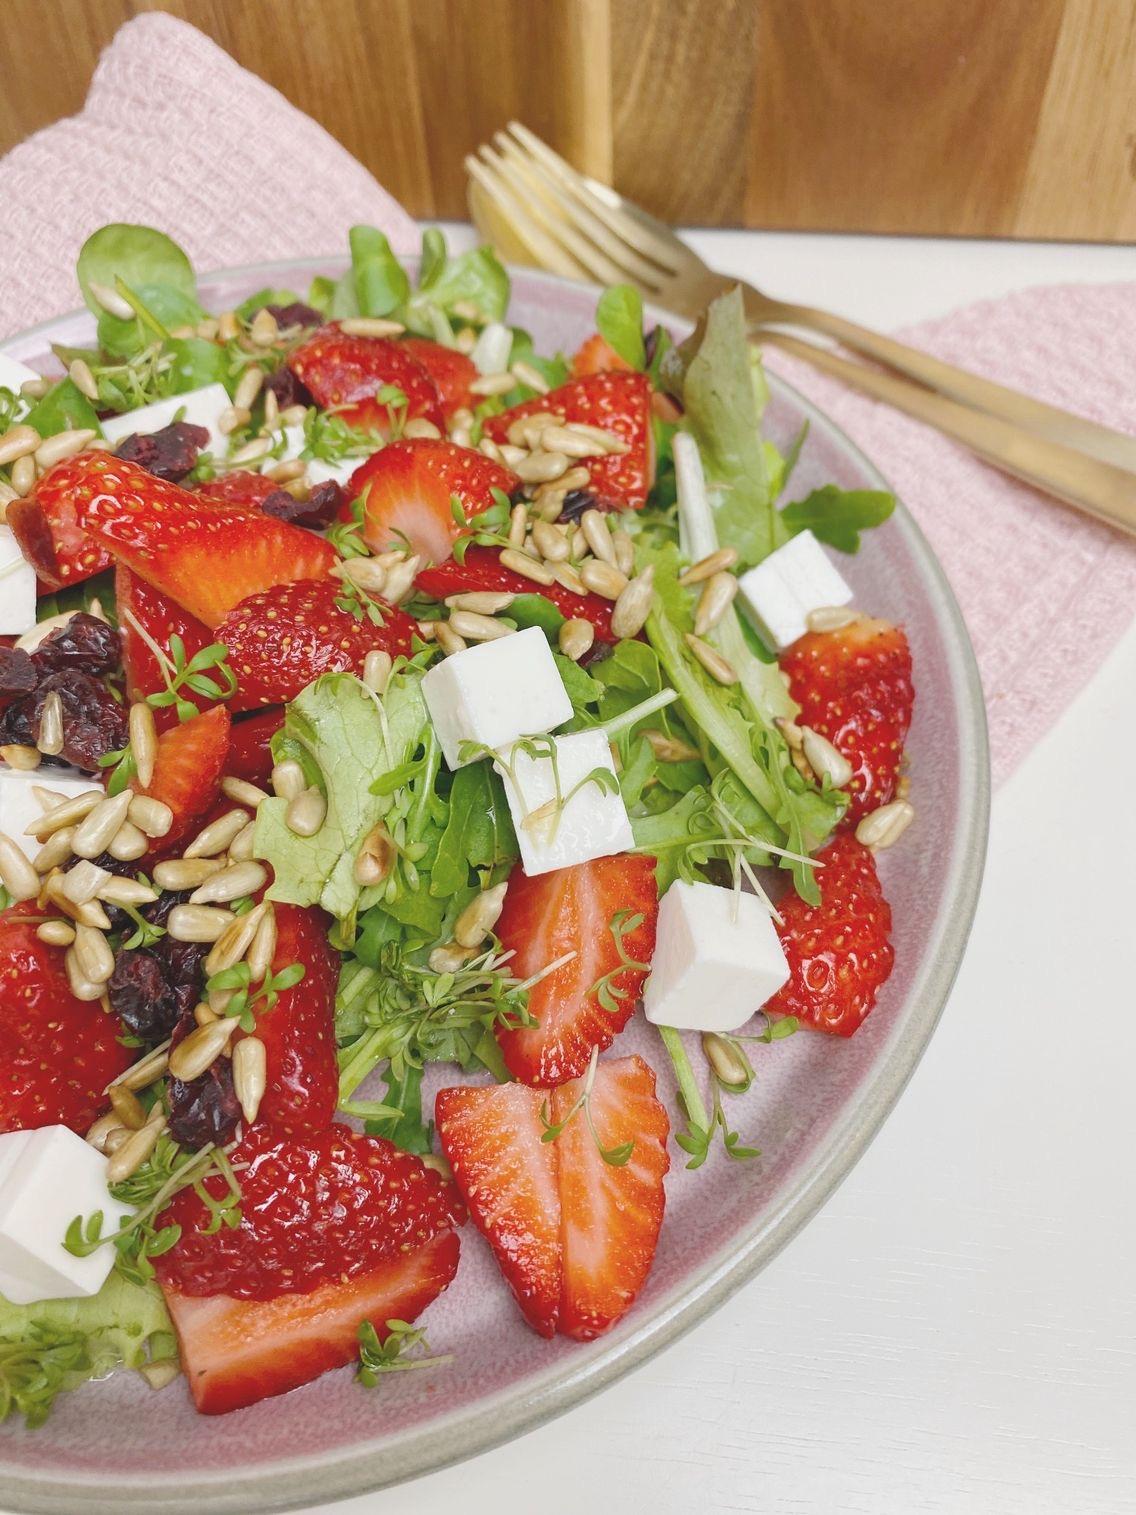 Jordbærsalat med tranebær set tæt å